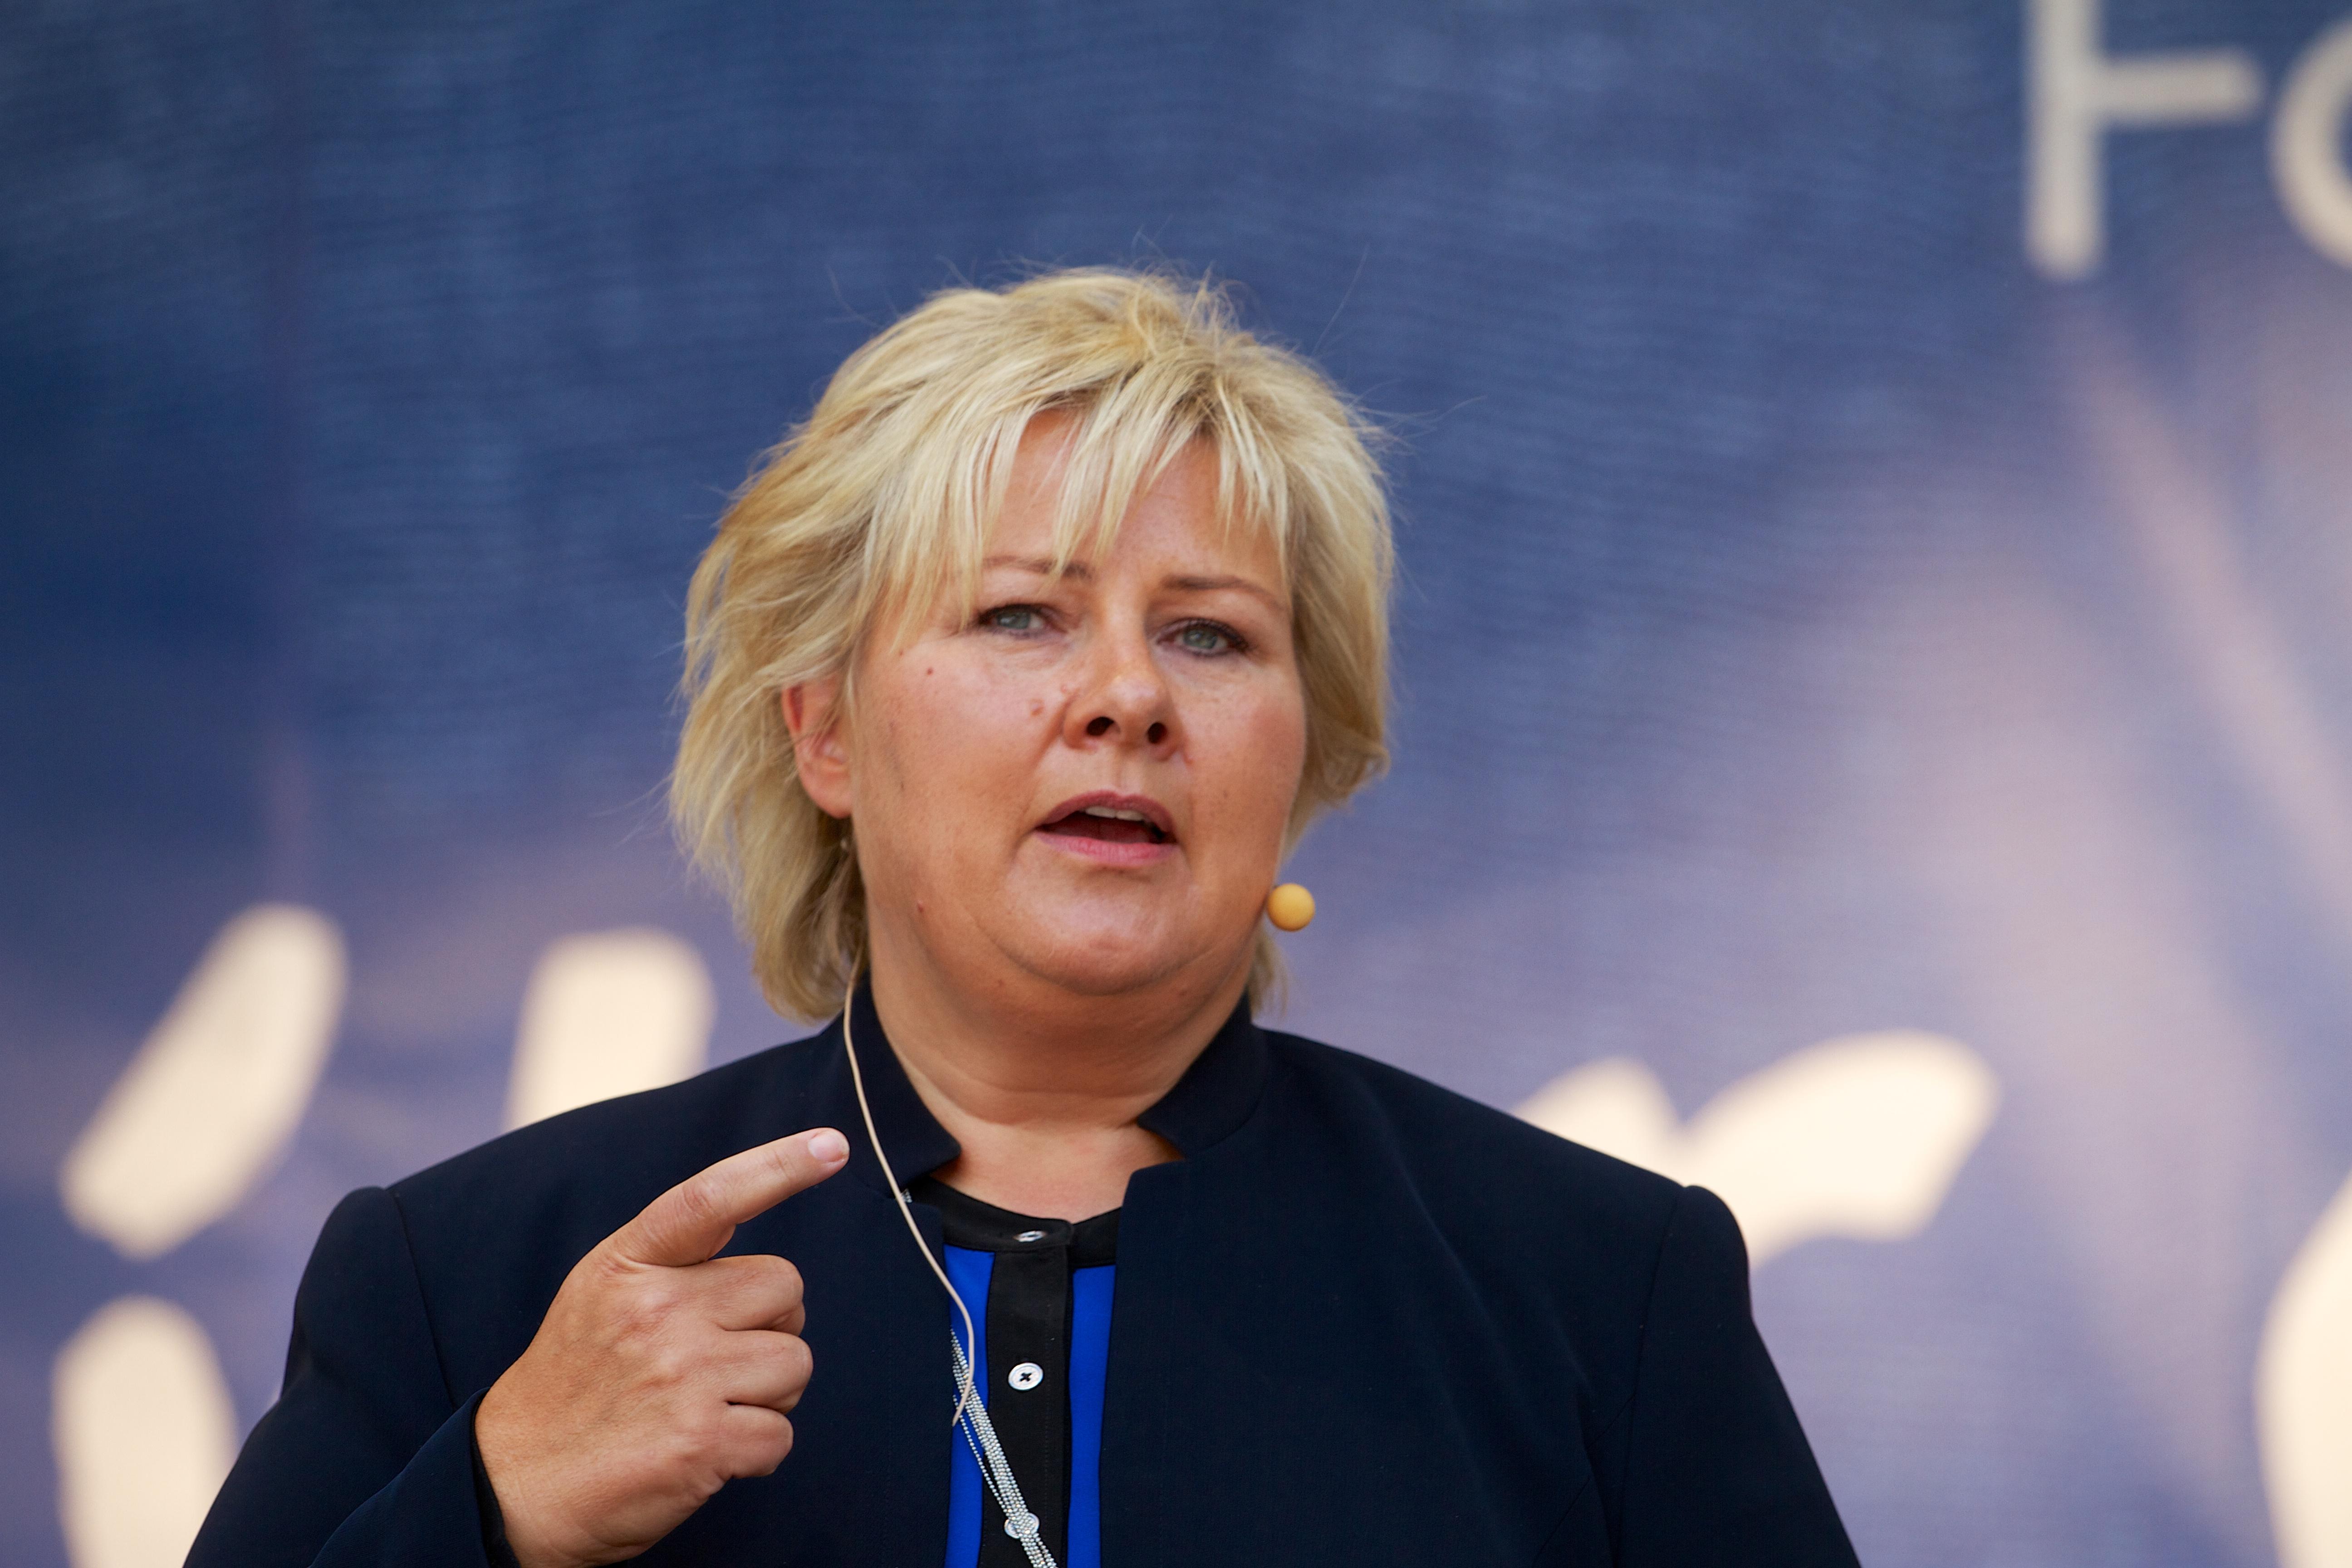 премьер министр норвегии эрна сульберг фото